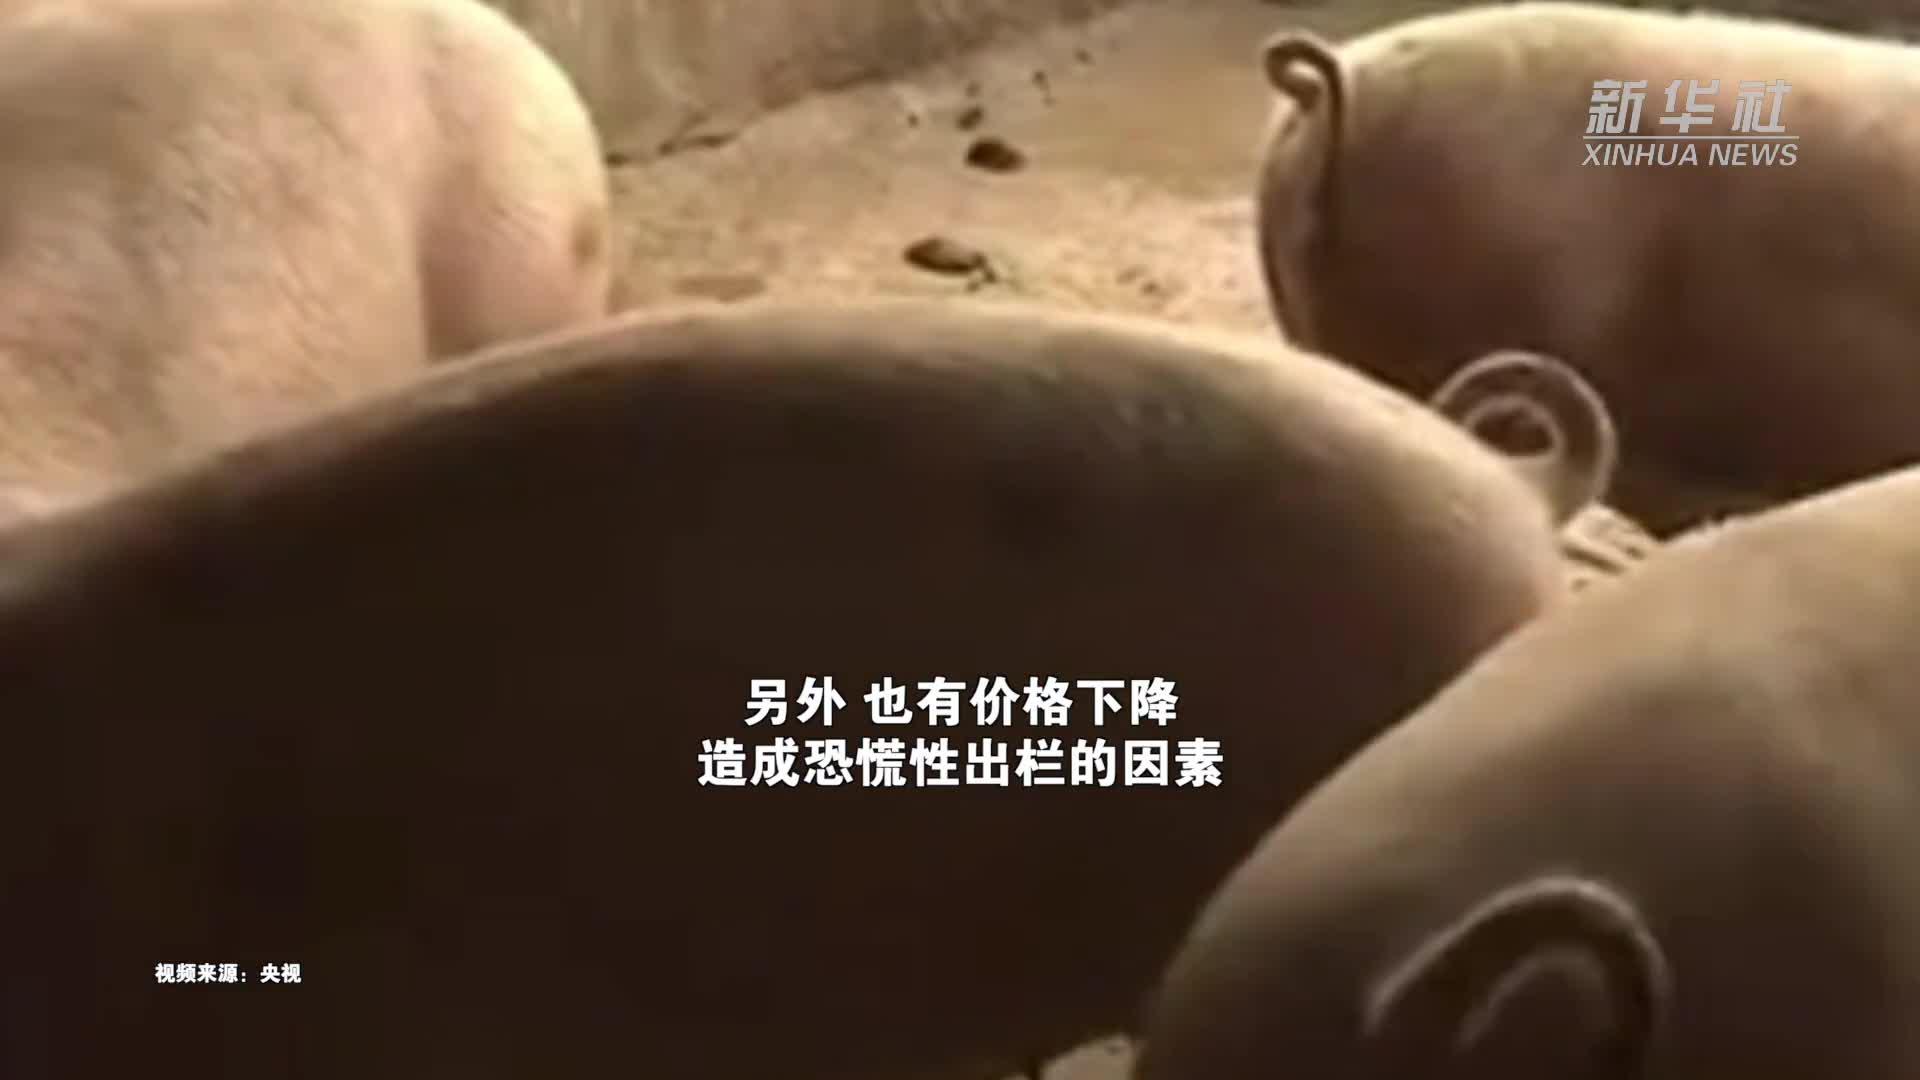 猪肉价格已腰斩 养殖户恐慌性出栏 农业农村部重要提醒